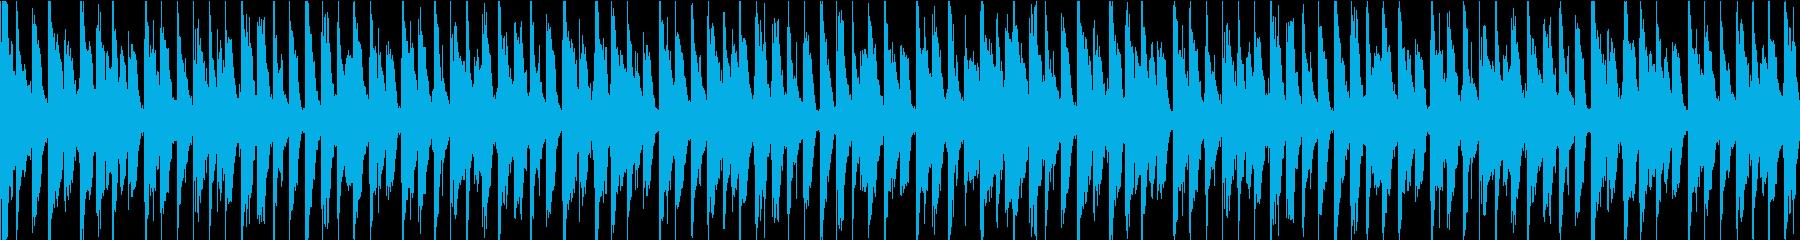 クールなロードとピアノのパートが入...の再生済みの波形